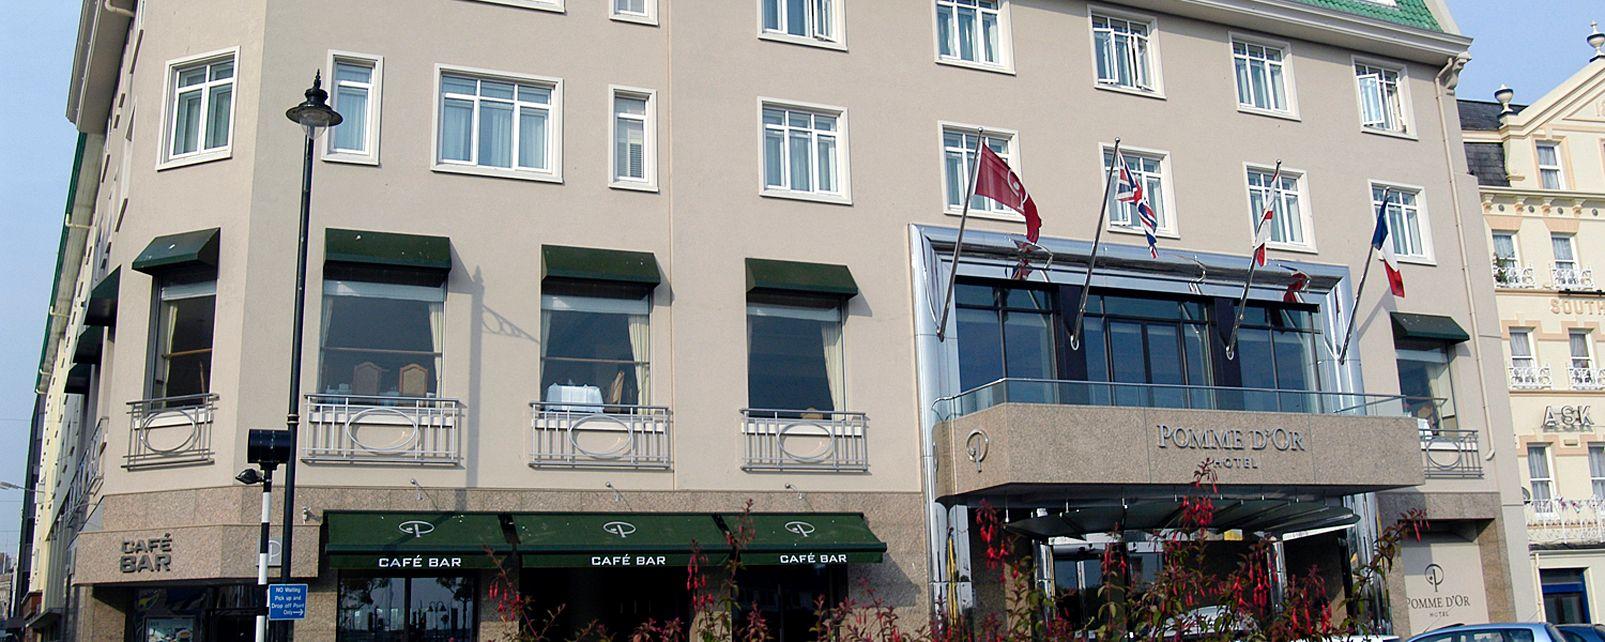 Hotel La Pomme dOr